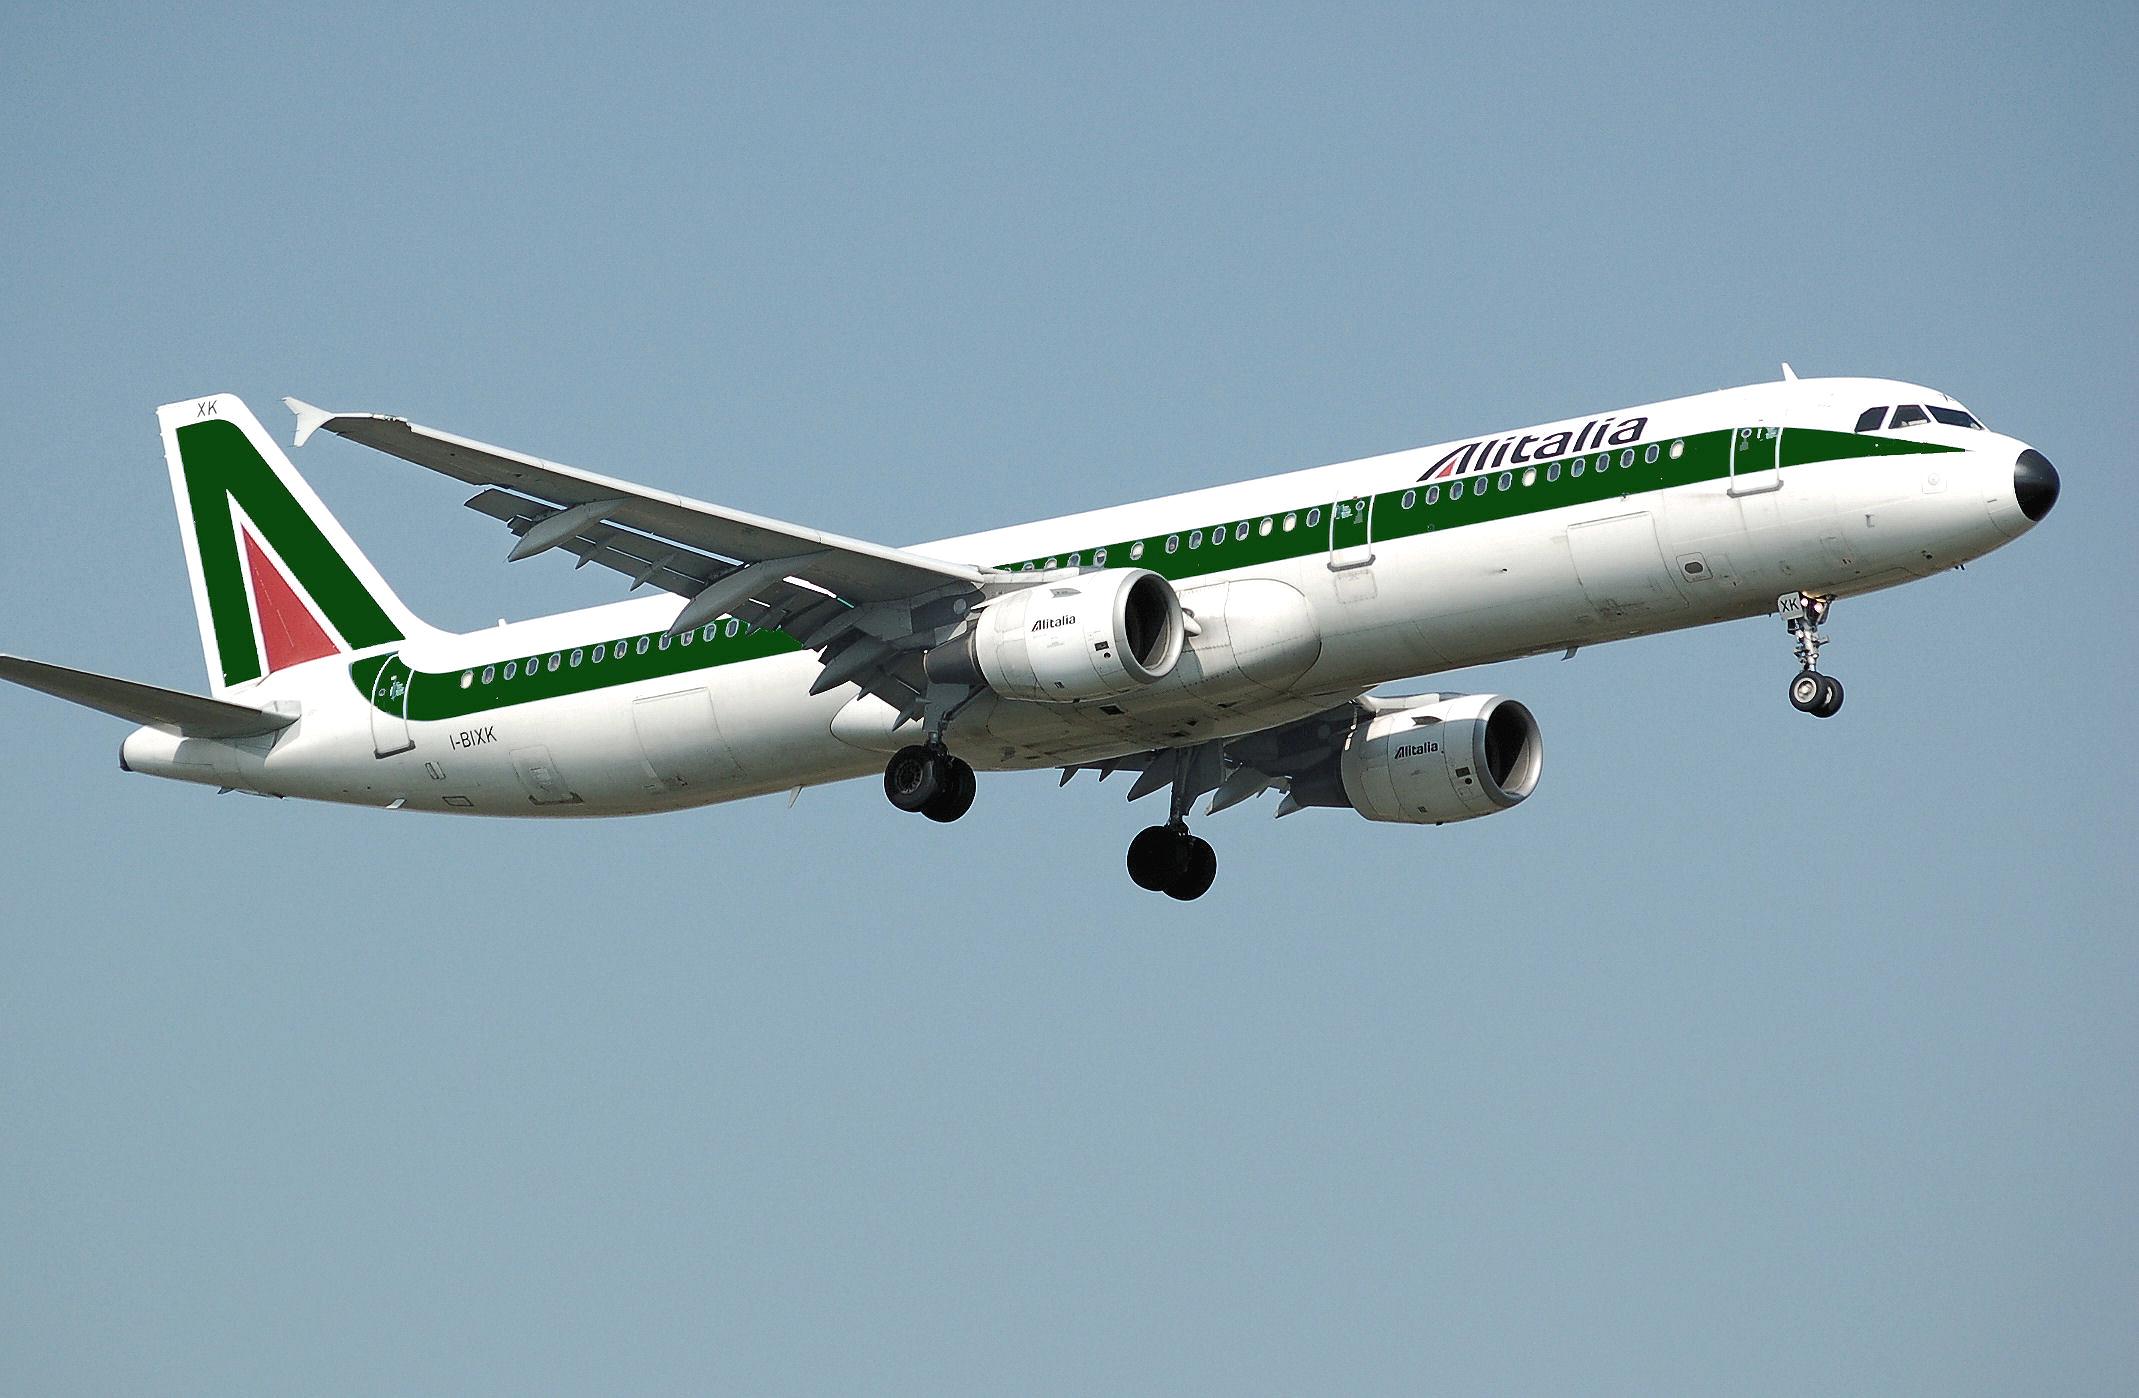 Pomimo trwającej od lat trudnej sytuacji samoloty AlItalia latają. (fot. archiwum)